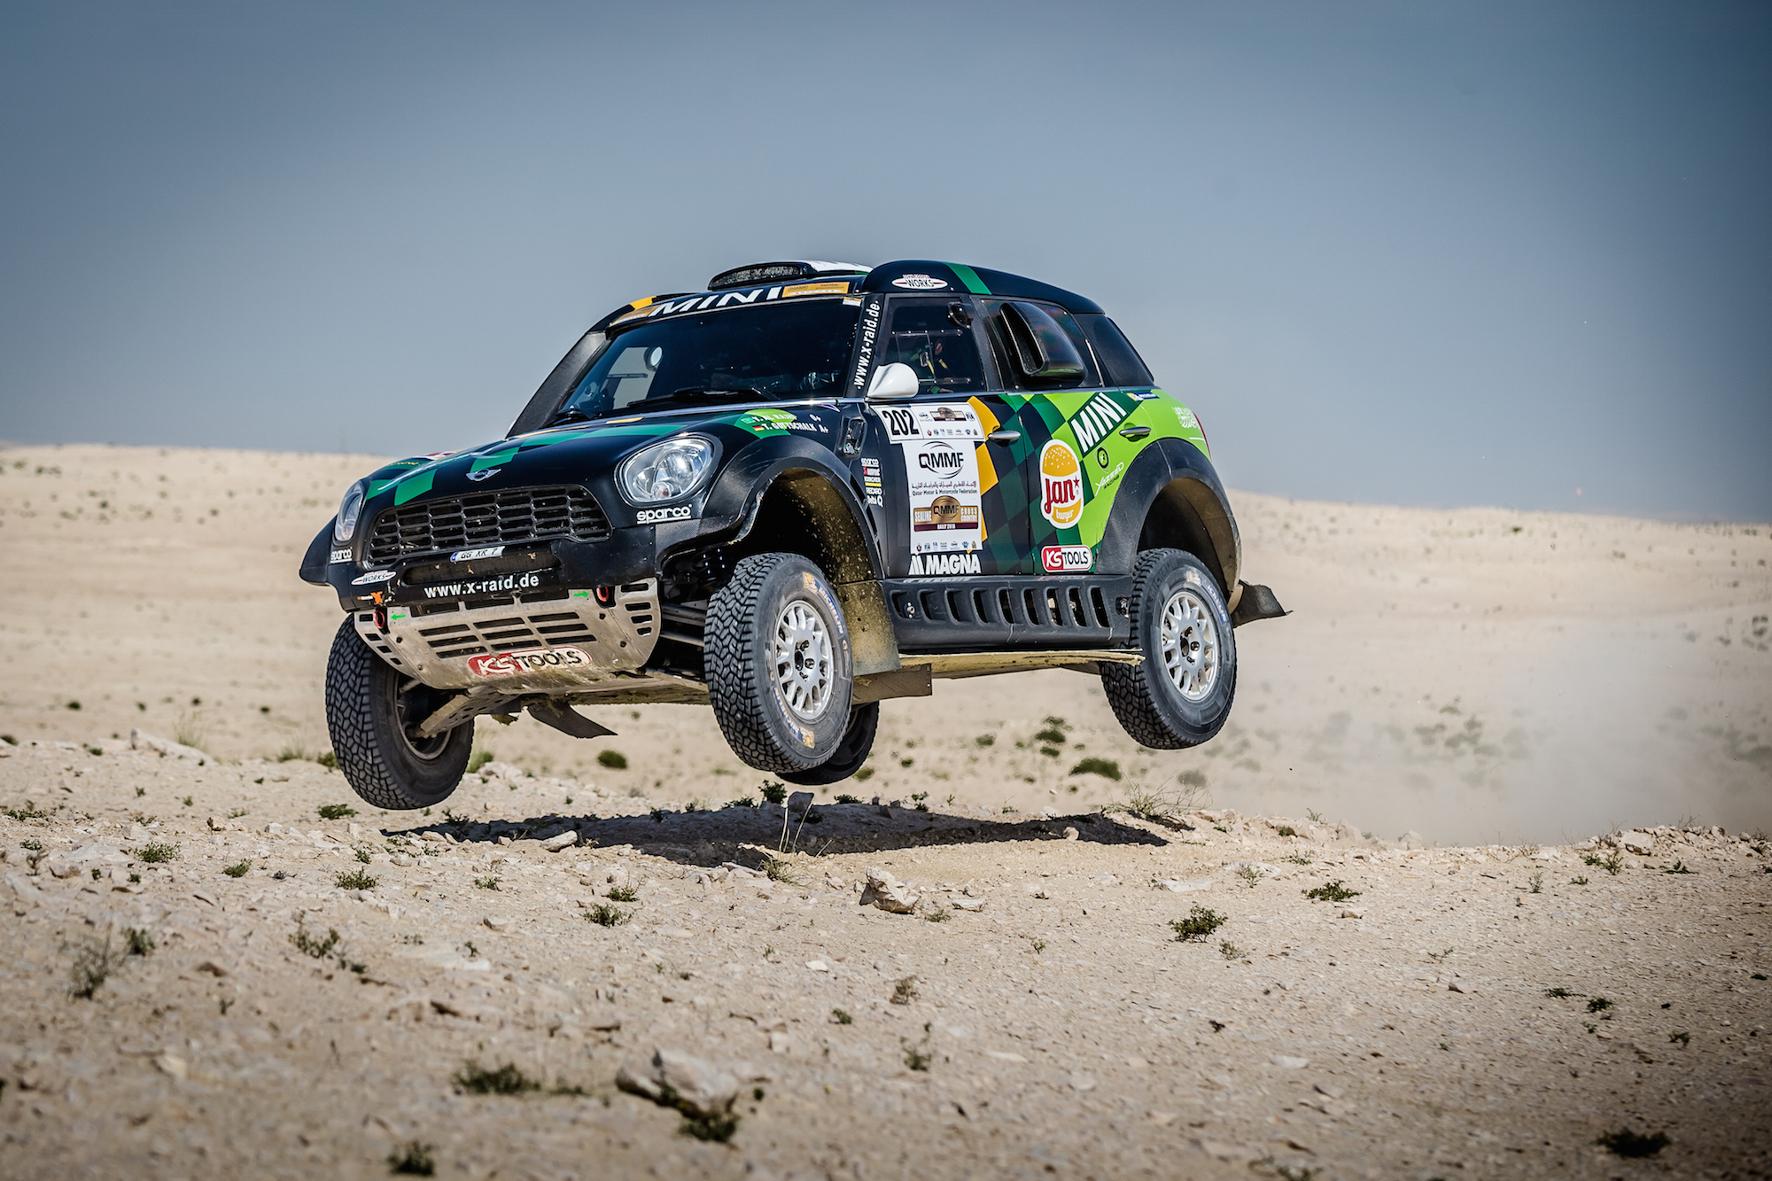 mid Groß-Gerau - Der Saudi Yazeed Al-Rajhi fliegt bei der Rallye in Katar in seinem Mini förmlich auf den zweiten Platz.